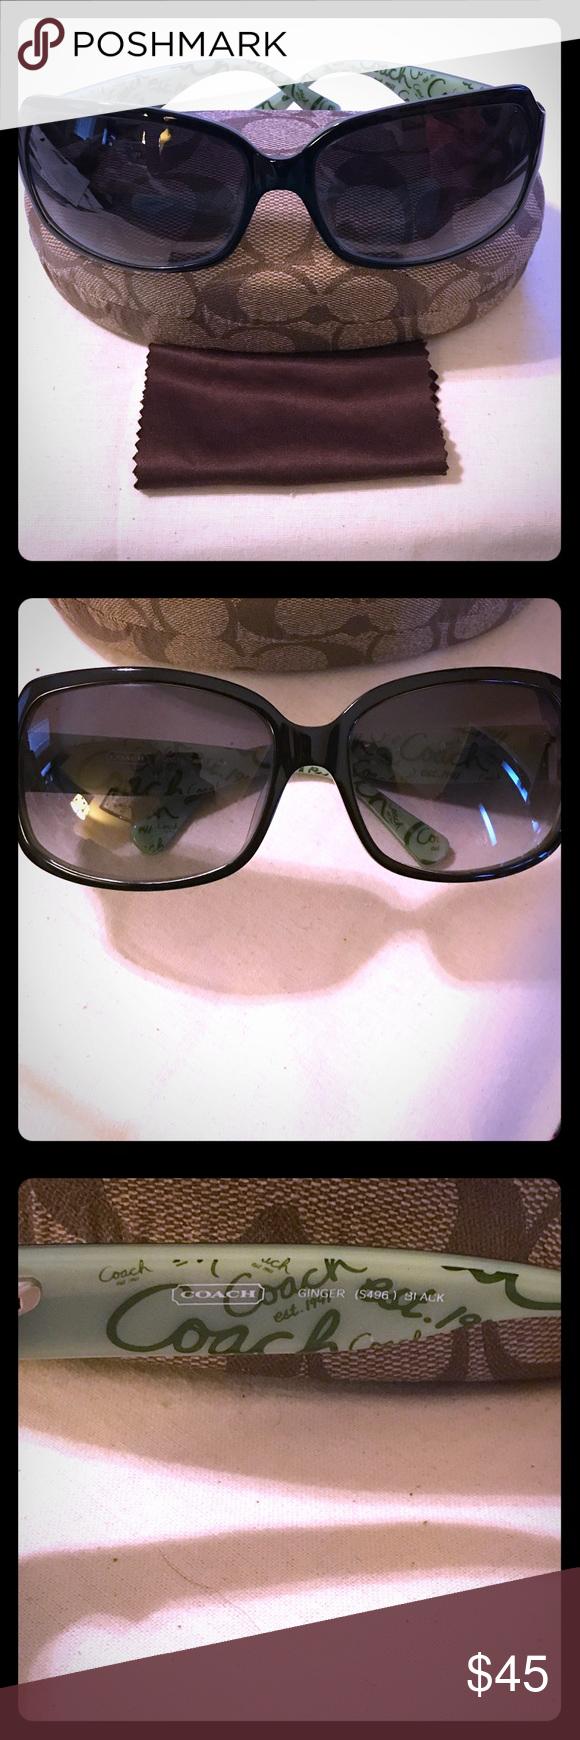 8906b7c72120 Coach Ginger Sunglasses (Authentic) Ladies COACH, Ginger S496 Black  Includes Authentic COACH